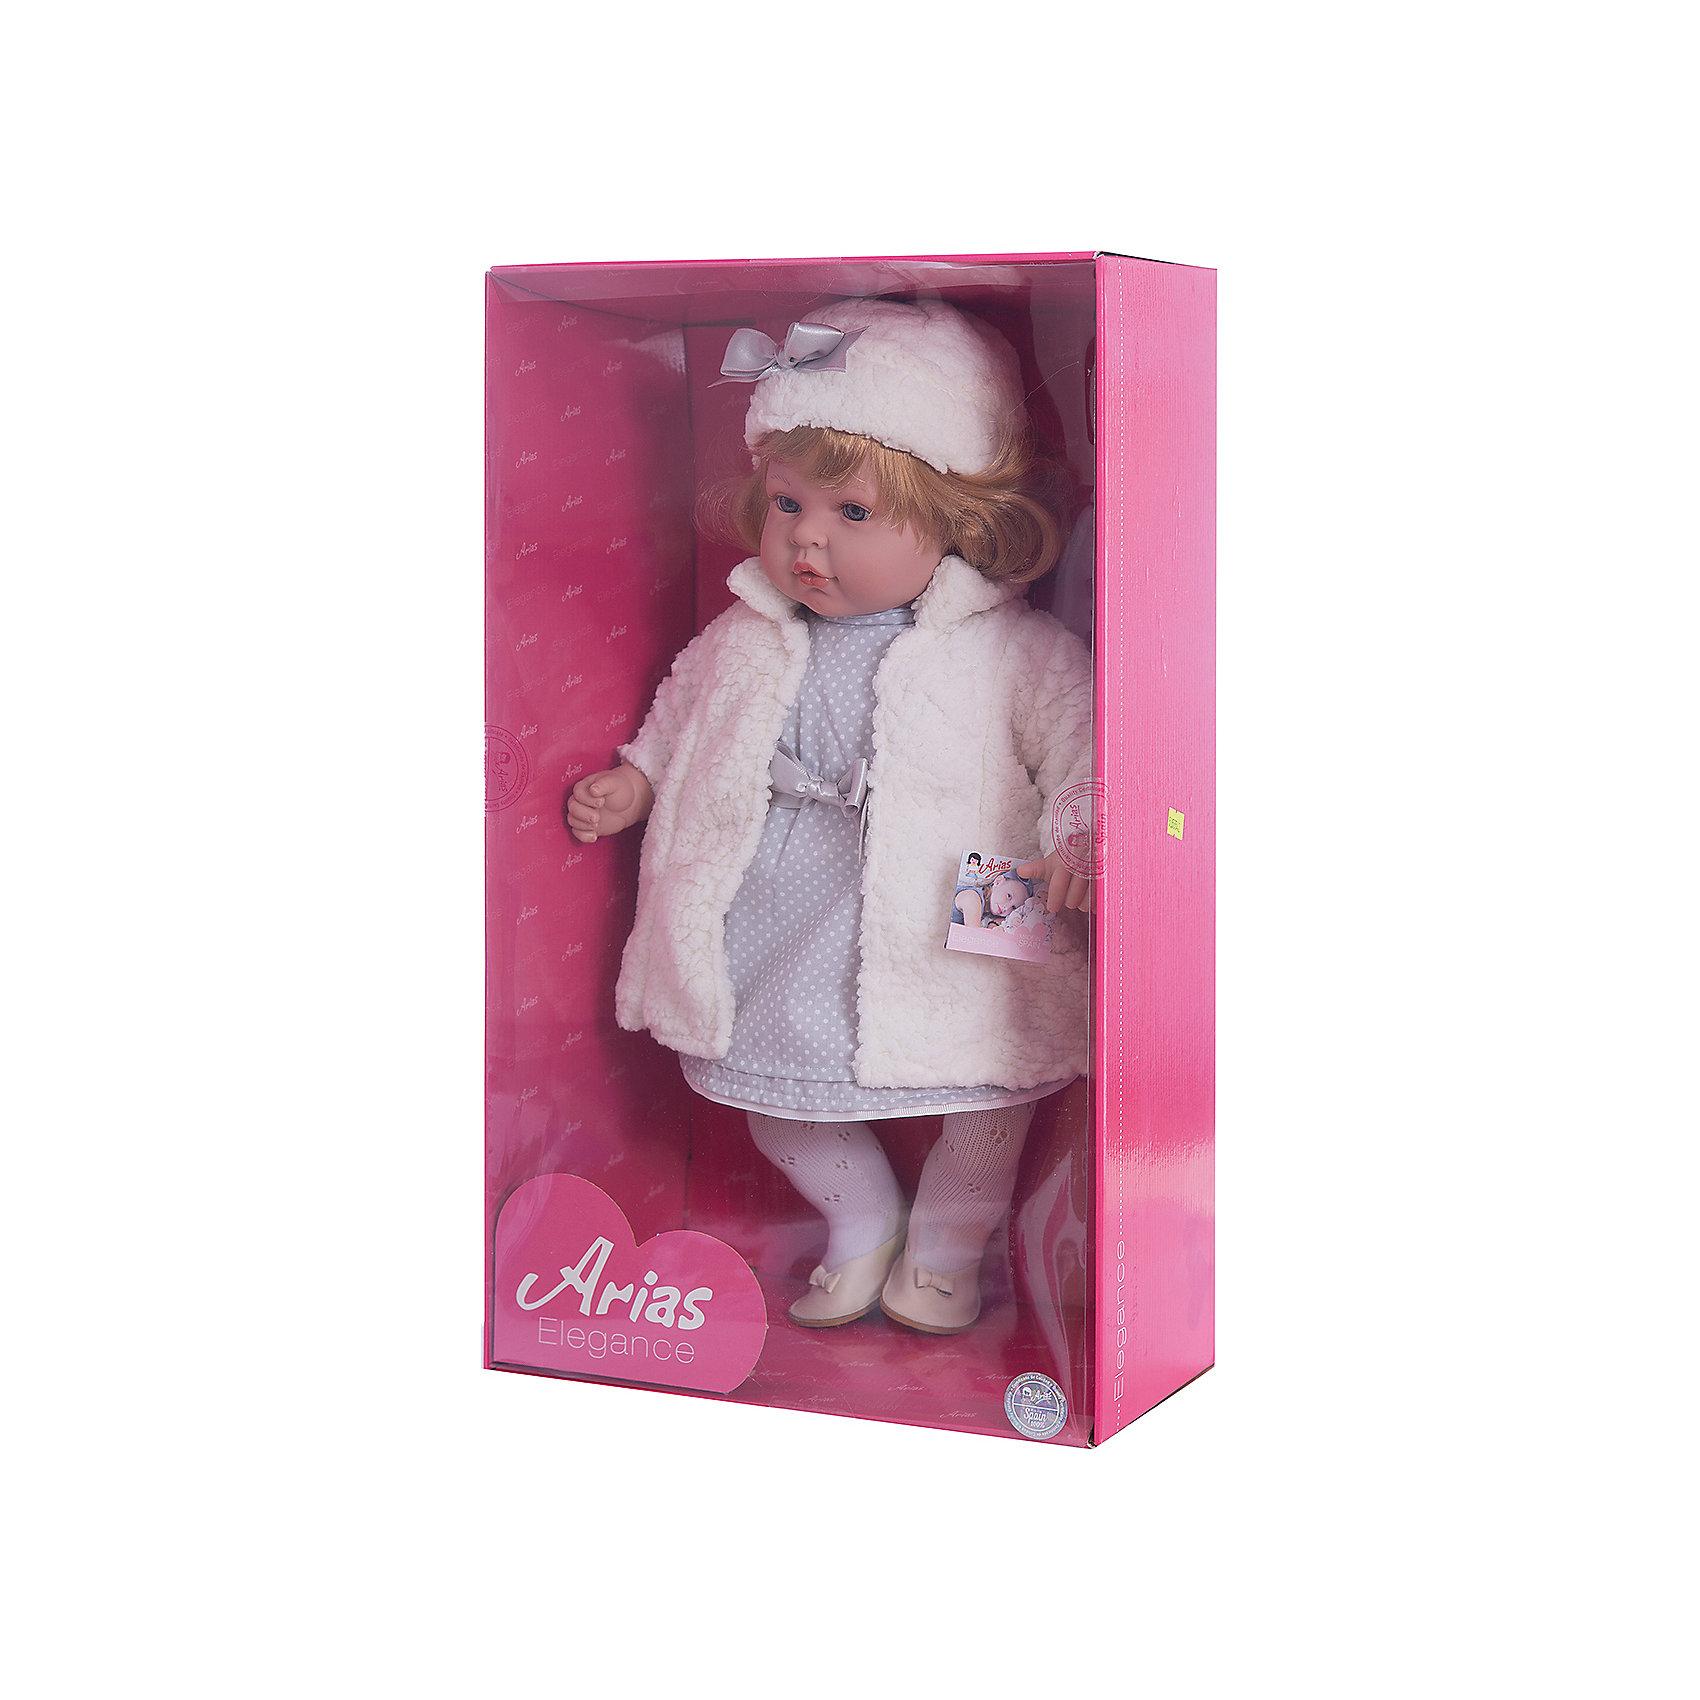 Кукла Elegance в белом платье, пальто и шапочке, 45 см, смеется, AriasБренды кукол<br>Характеристики:<br><br>• Вид игр: сюжетно-ролевые<br>• Пол: для девочек<br>• Коллекция: Elegance<br>• Материал: винил, текстиль, нейлон<br>• Длина куклы: 45 см<br>• Комплектация: кукла, платье, шубка, шапка, колготки, туфли <br>• Подвижные ручки и ножки <br>• Умеет смеяться<br>• Батарейки: 3 x AG13 / LR44 (предусмотрены в комплекте)<br>• Вес в упаковке: 1 кг 800 г<br>• Размеры упаковки (Г*Ш*В): 32*16,5*54 см<br>• Упаковка: картонная коробка<br>• Особенности ухода: куклу можно купать, одежда – ручная стирка<br><br>Кукла Elegance в белом платье, пальто и шапочке, 45 см, смеется, Arias изготовлен известным испанским торговым предприятием Munecas, который специализируется на выпуске кукол и пупсов. Пупсы и куклы Arias с высокой степенью достоверности повторяют облик маленьких детей, благодаря мельчайшим деталям внешнего вида и одежды игрушки выглядят мило и очаровательно. Кукла выполнена из винила, у нее подвижные ручки и ножки, слегка вьющиеся светлые волосы, четко прорисованные глаза и брови, курносый носик и пухленькие губки. Малышка одета в серое длинное платье в горошек, ажурные колготки, на ножках у нее туфельки. Дополняют образ длинное меховое пальто белого цвета и шапка, украшенная атласным бантиком. При нажатии на животик, кукла начинает смеяться. Кукла Elegance в белом платье, пальто и шапочке, 45 см, смеется, Arias идеальным подарком для девочки к любому празднику.<br><br>Куклу Elegance в белом платье, пальто и шапочке, 45 см, смеется, Arias можно купить в нашем интернет-магазине.<br><br>Ширина мм: 320<br>Глубина мм: 540<br>Высота мм: 165<br>Вес г: 1950<br>Возраст от месяцев: 36<br>Возраст до месяцев: 120<br>Пол: Женский<br>Возраст: Детский<br>SKU: 5355542